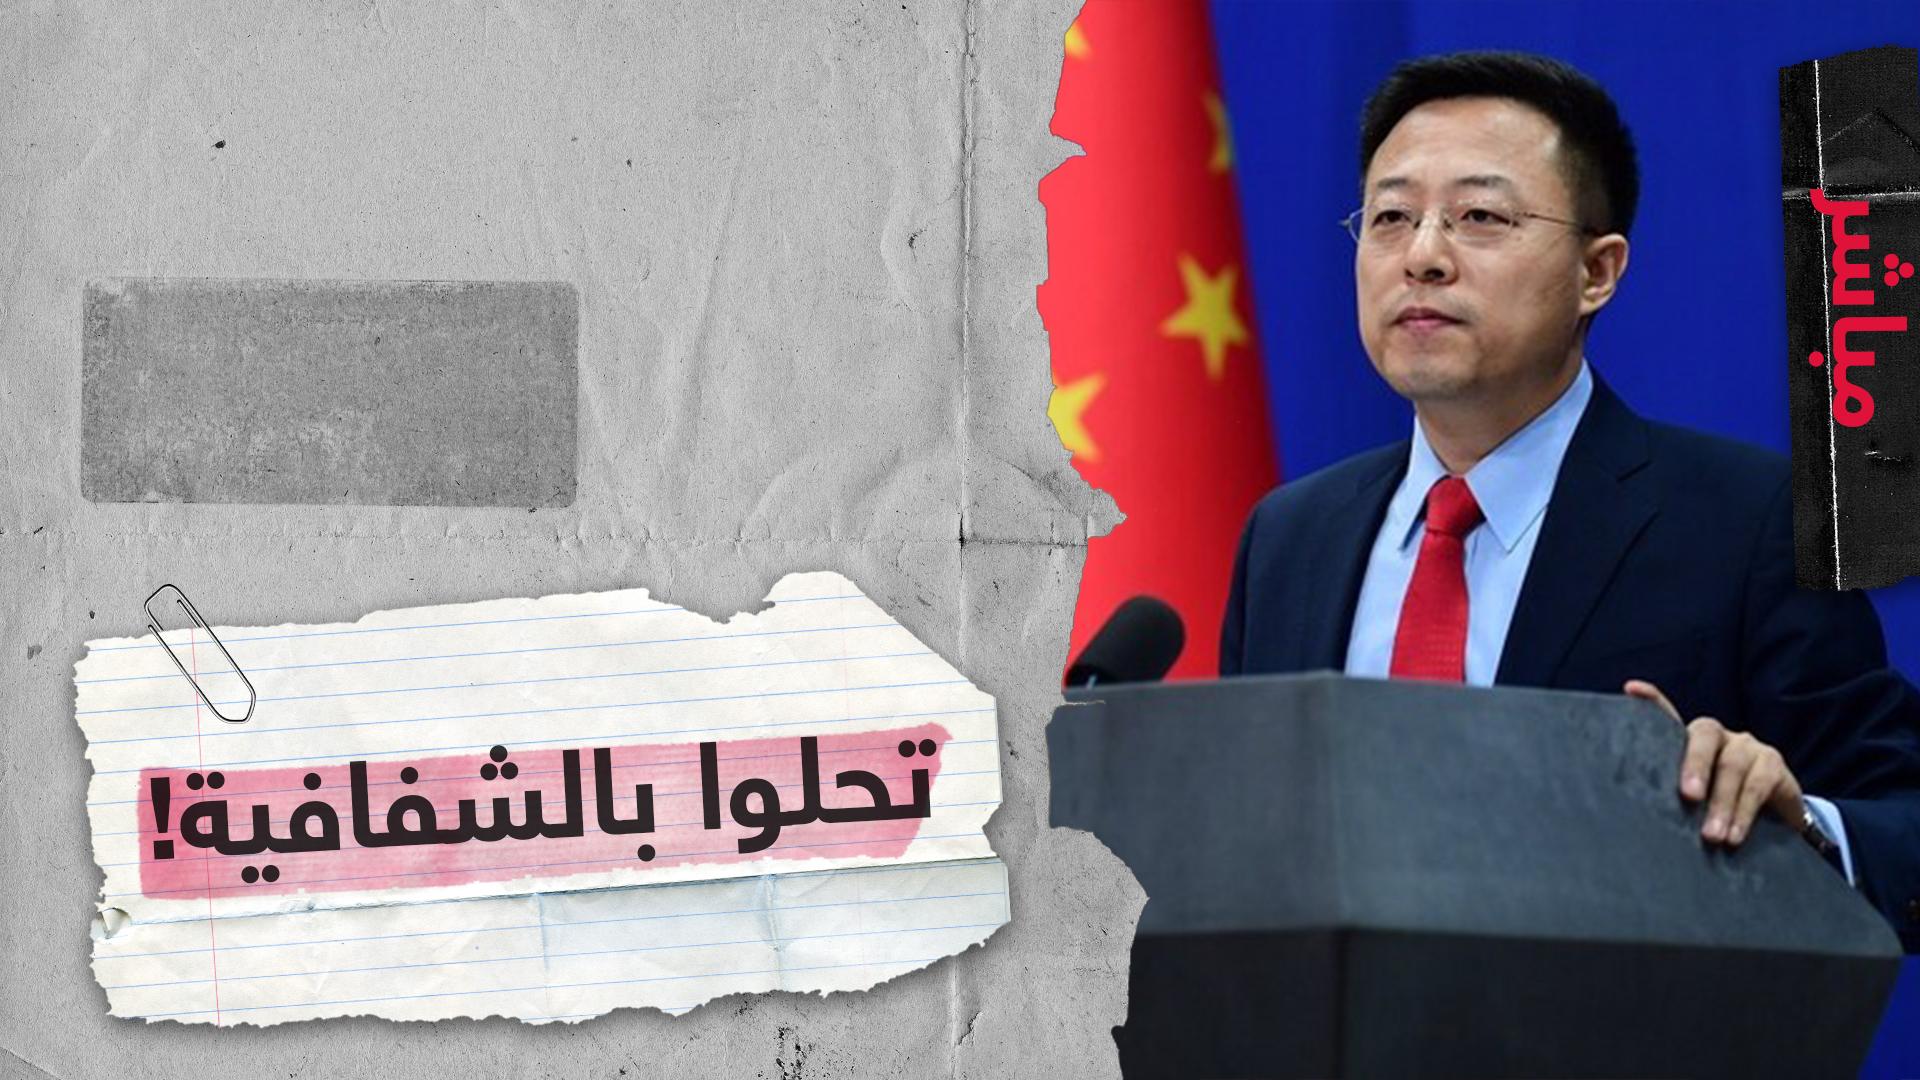 متحدث باسم الخارجية الصينية: الجيش الأمريكي ربما جلب كورونا إلى ووهان